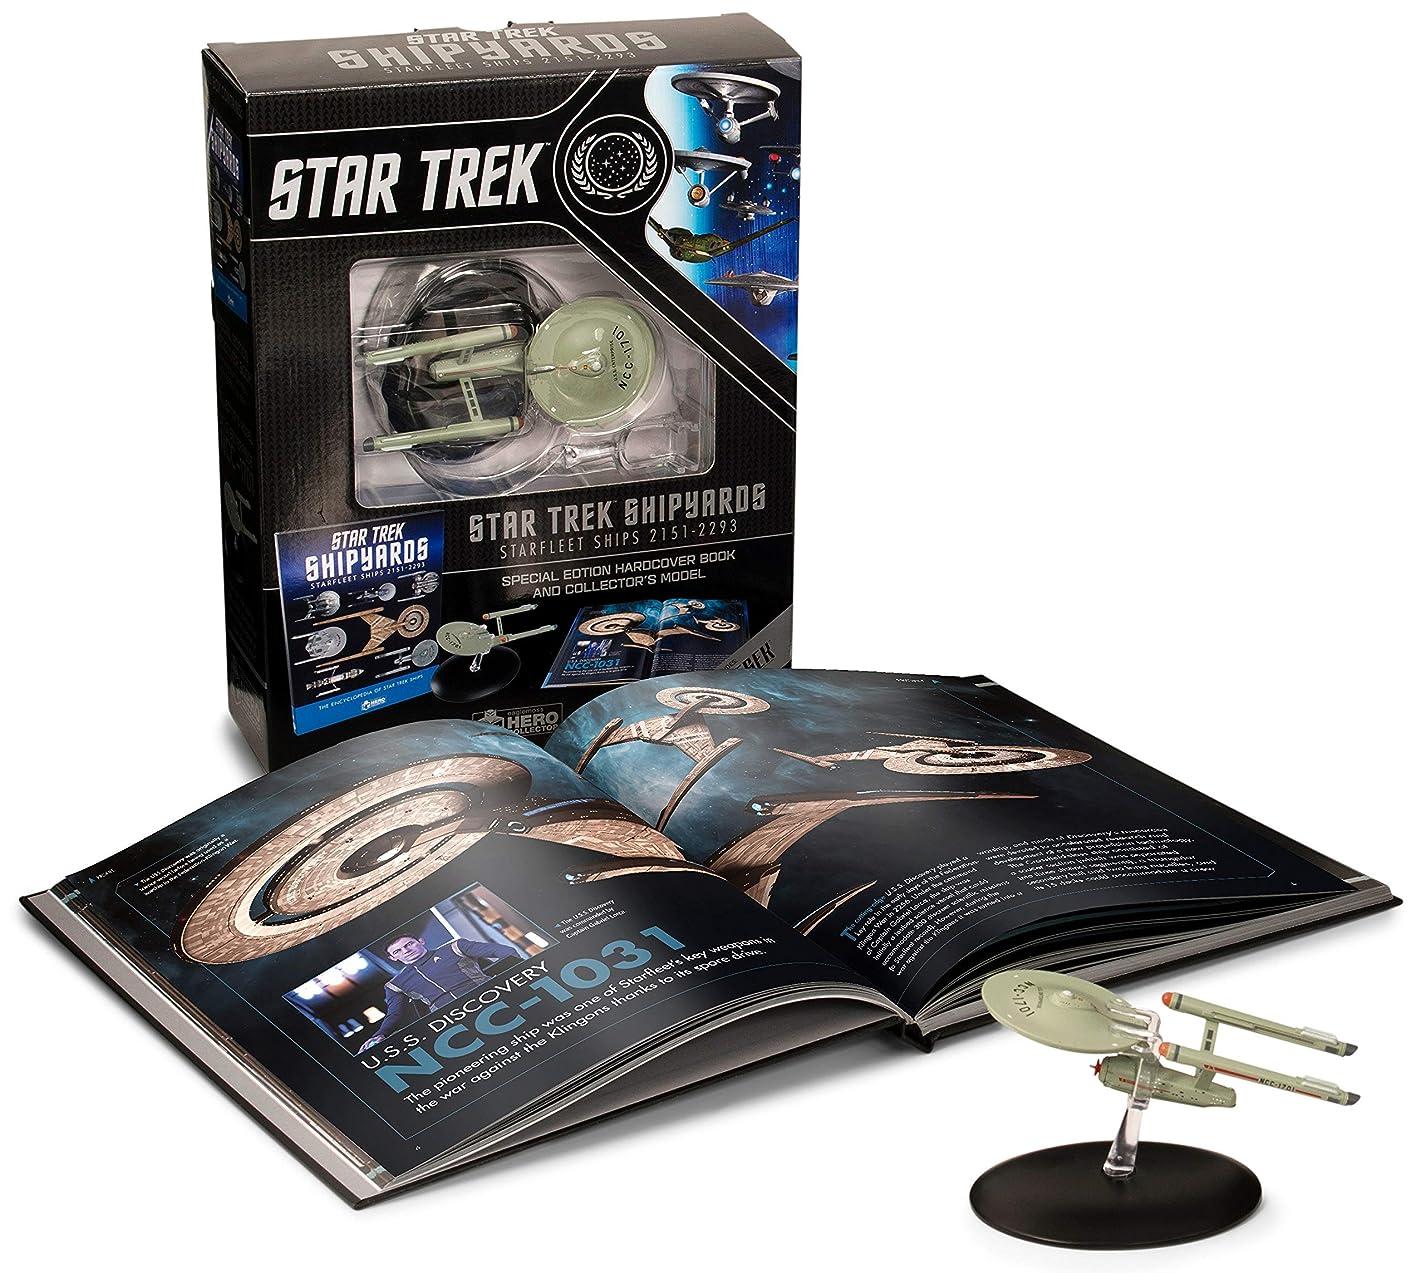 削除する錫表面Star Trek Shipyards Star Trek Starships: 2151-2293 The Encyclopedia of Starfleet Ships Plus Collectible